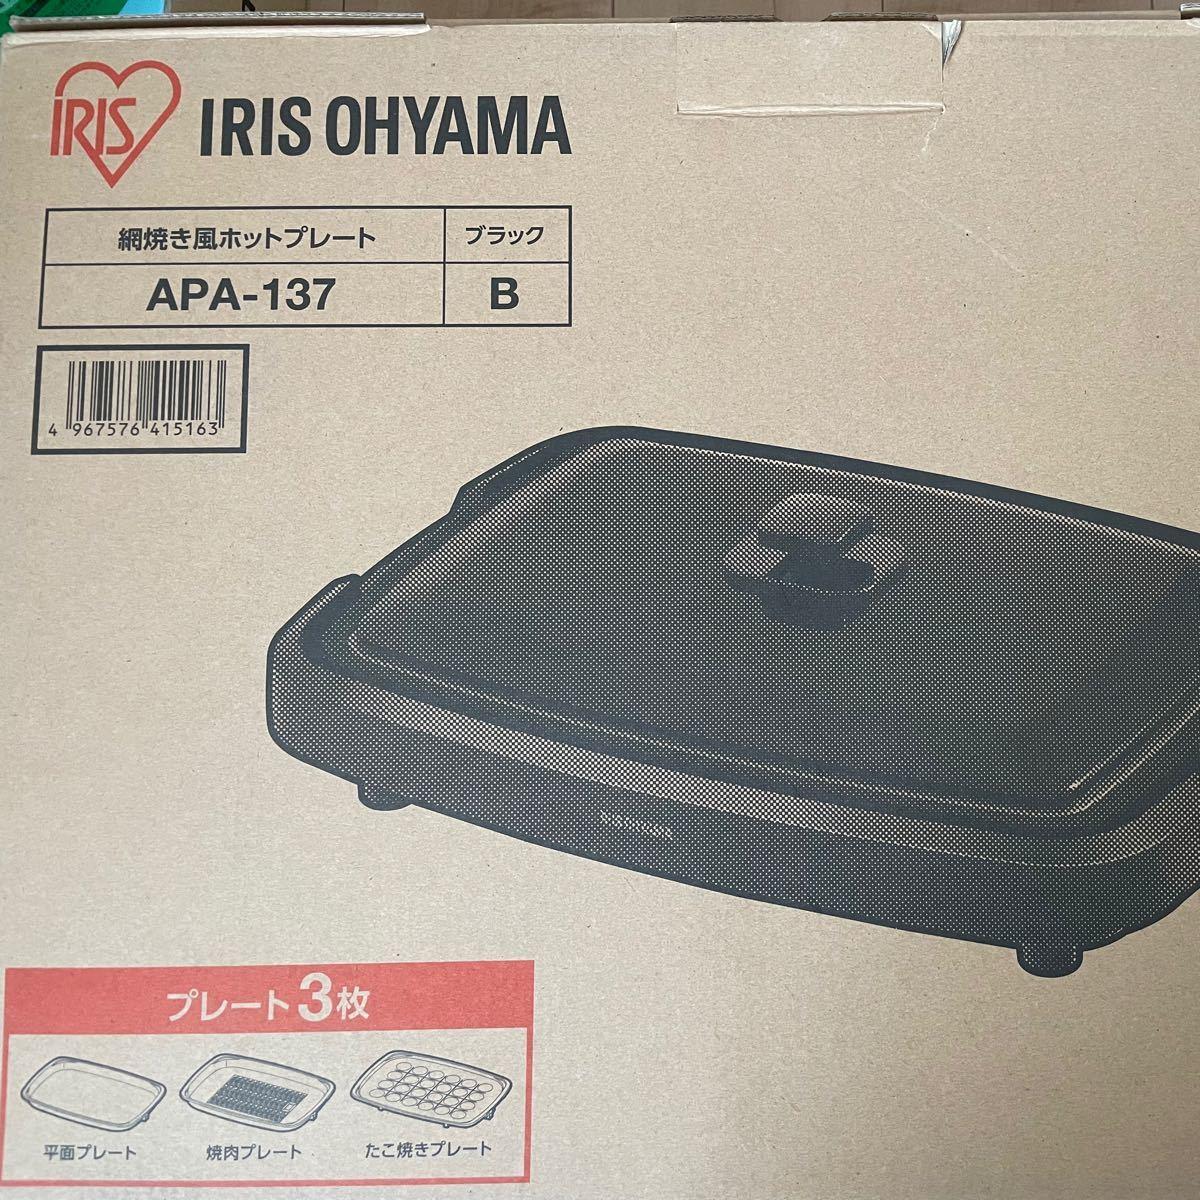 アイリスオーヤマ  ホットプレート 3プレート 新品未開封